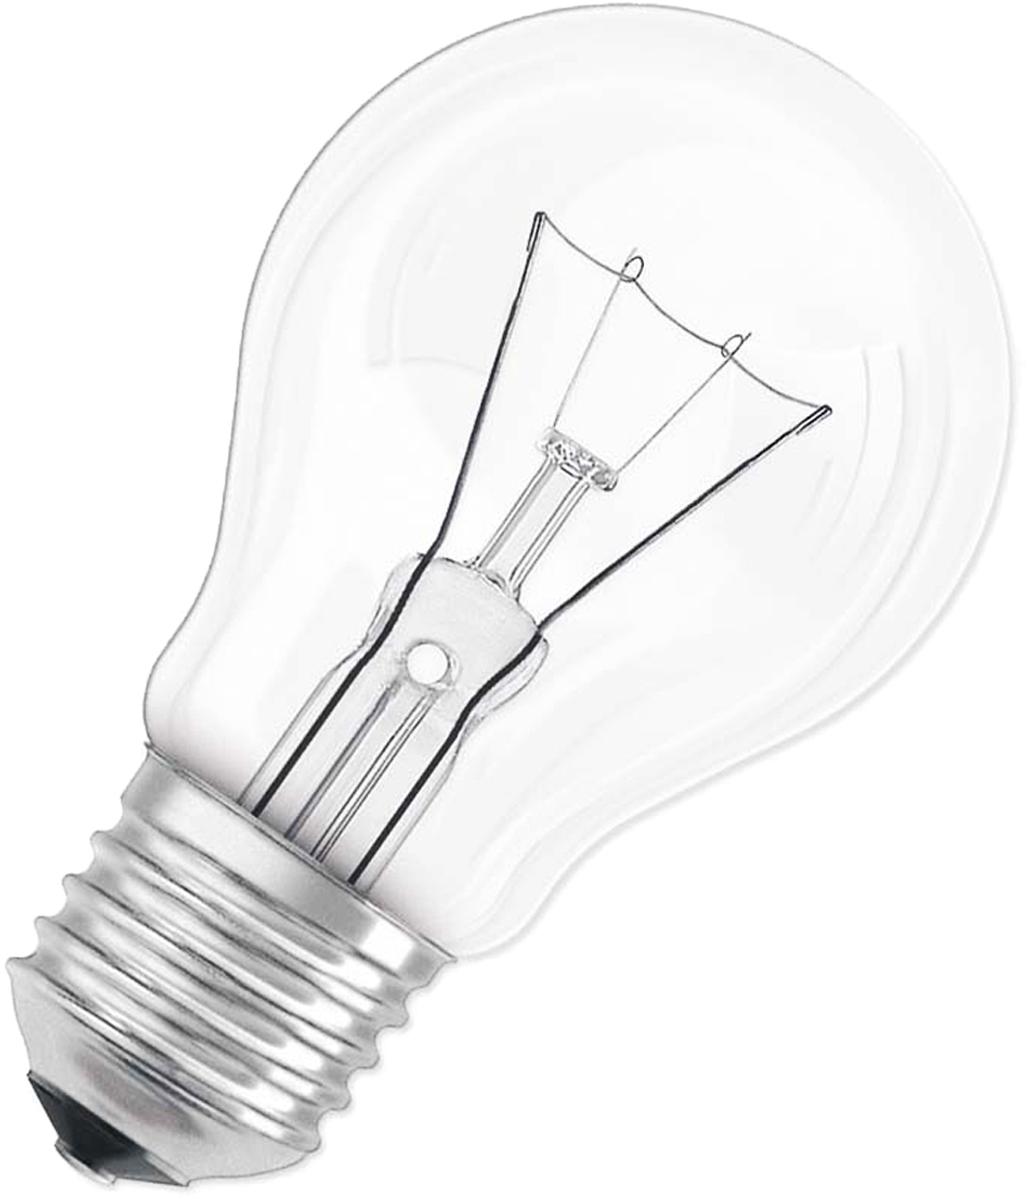 """Лампа накаливания Osram """"Classic"""" A CL 60Вт E27 220-240В. 4008321665850"""